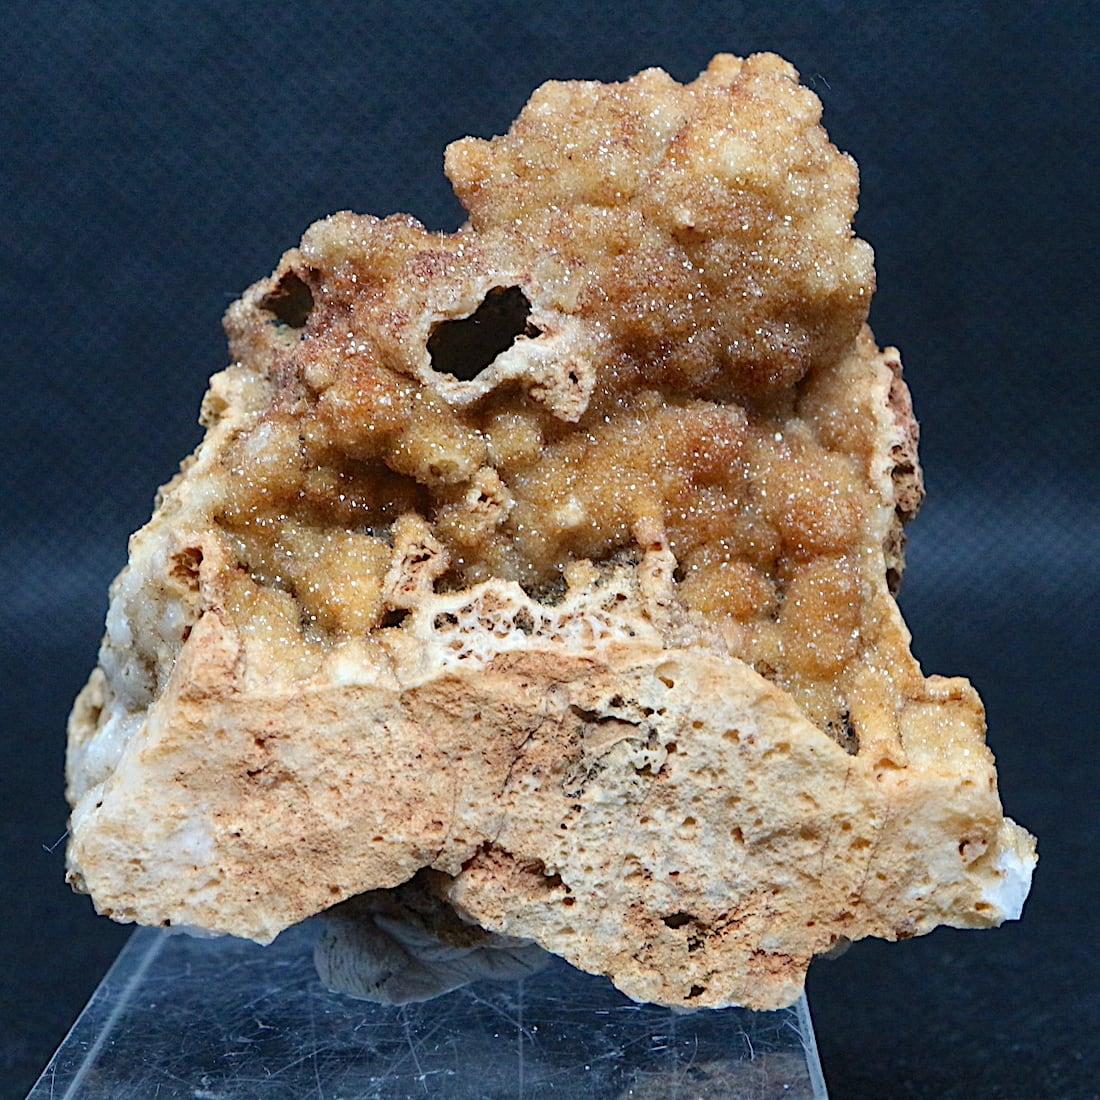 クォーツ カリフォルニア産 73g QZ073 原石 天然石 鉱物 パワーストーン